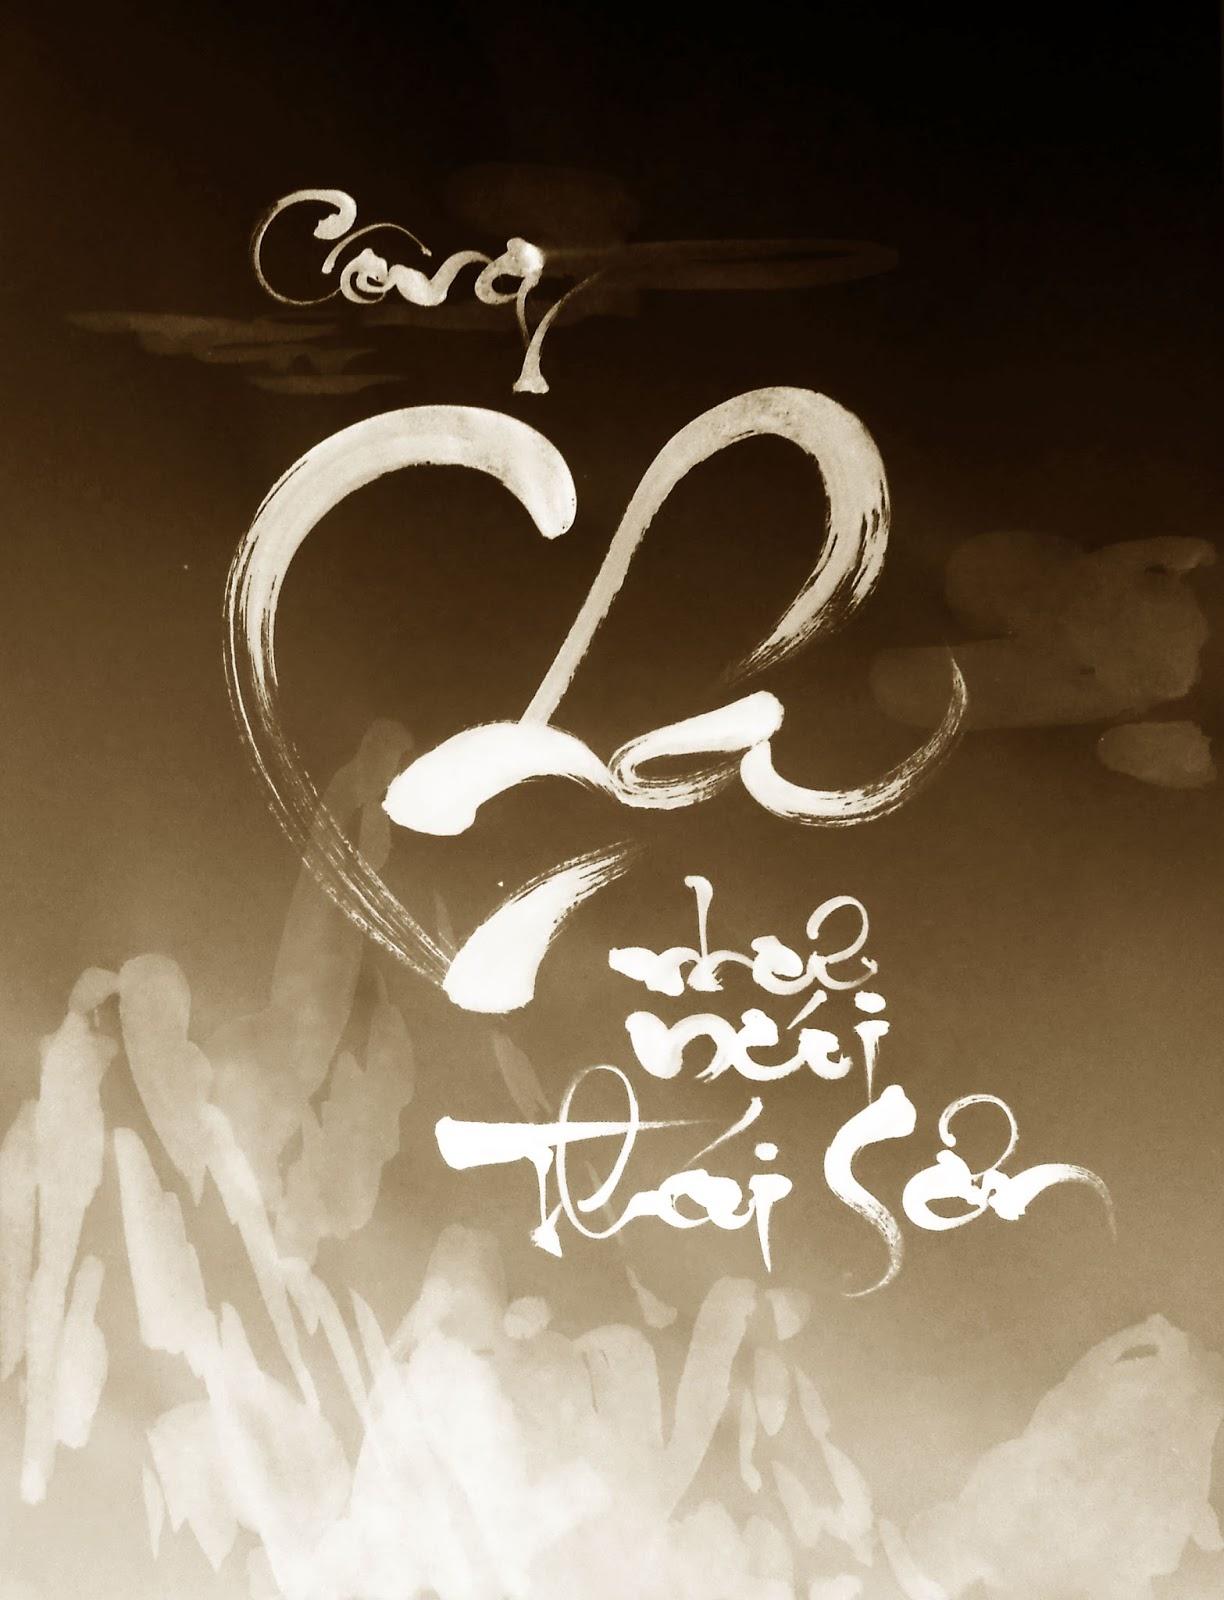 Hình ảnh thư pháp ý nghĩa Công cha như núi Thái Sơn